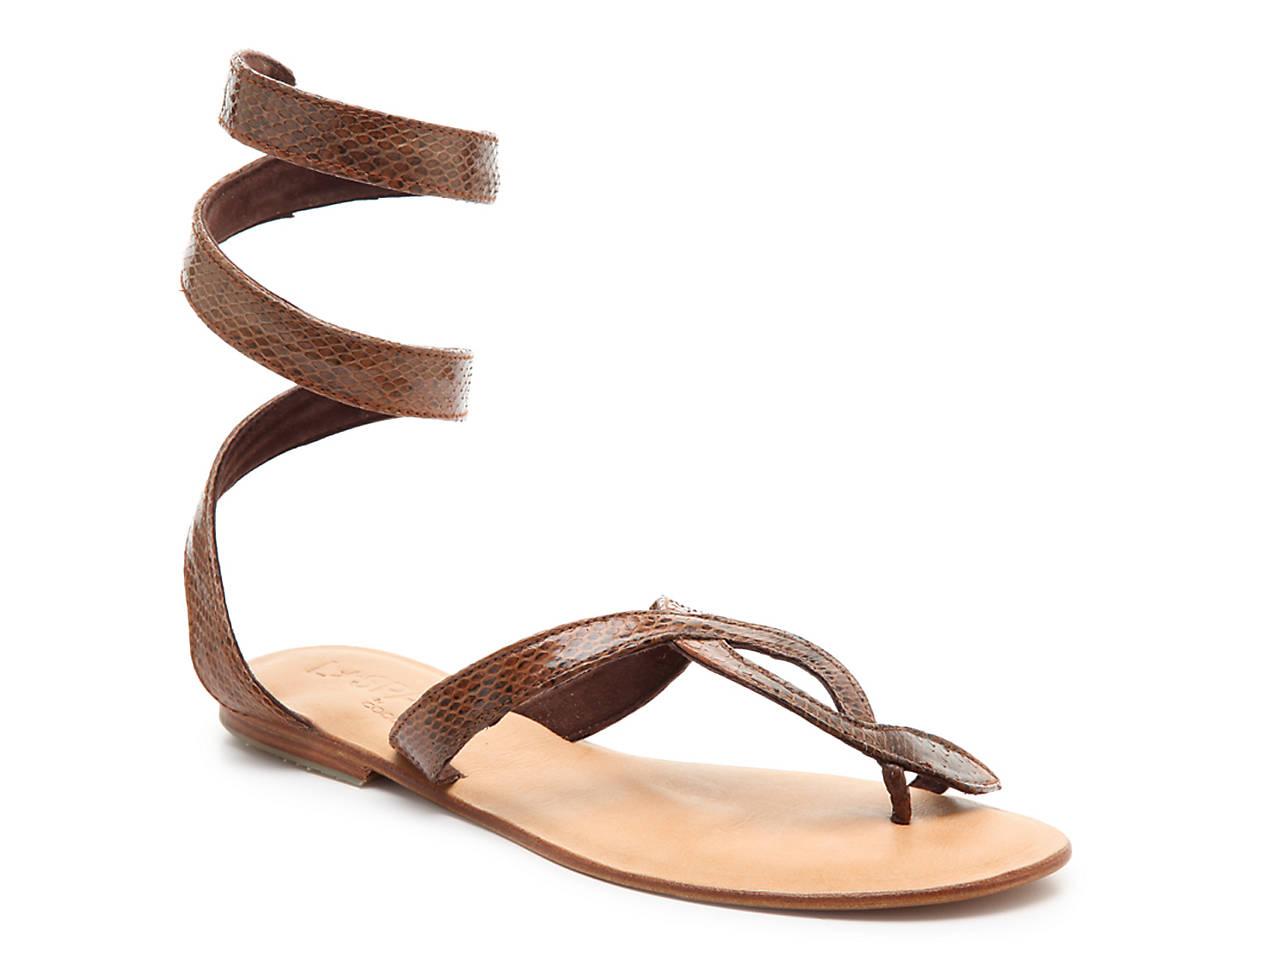 7cfec8388 L Space by Cocobelle Snake Wrap Sandal Women s Shoes